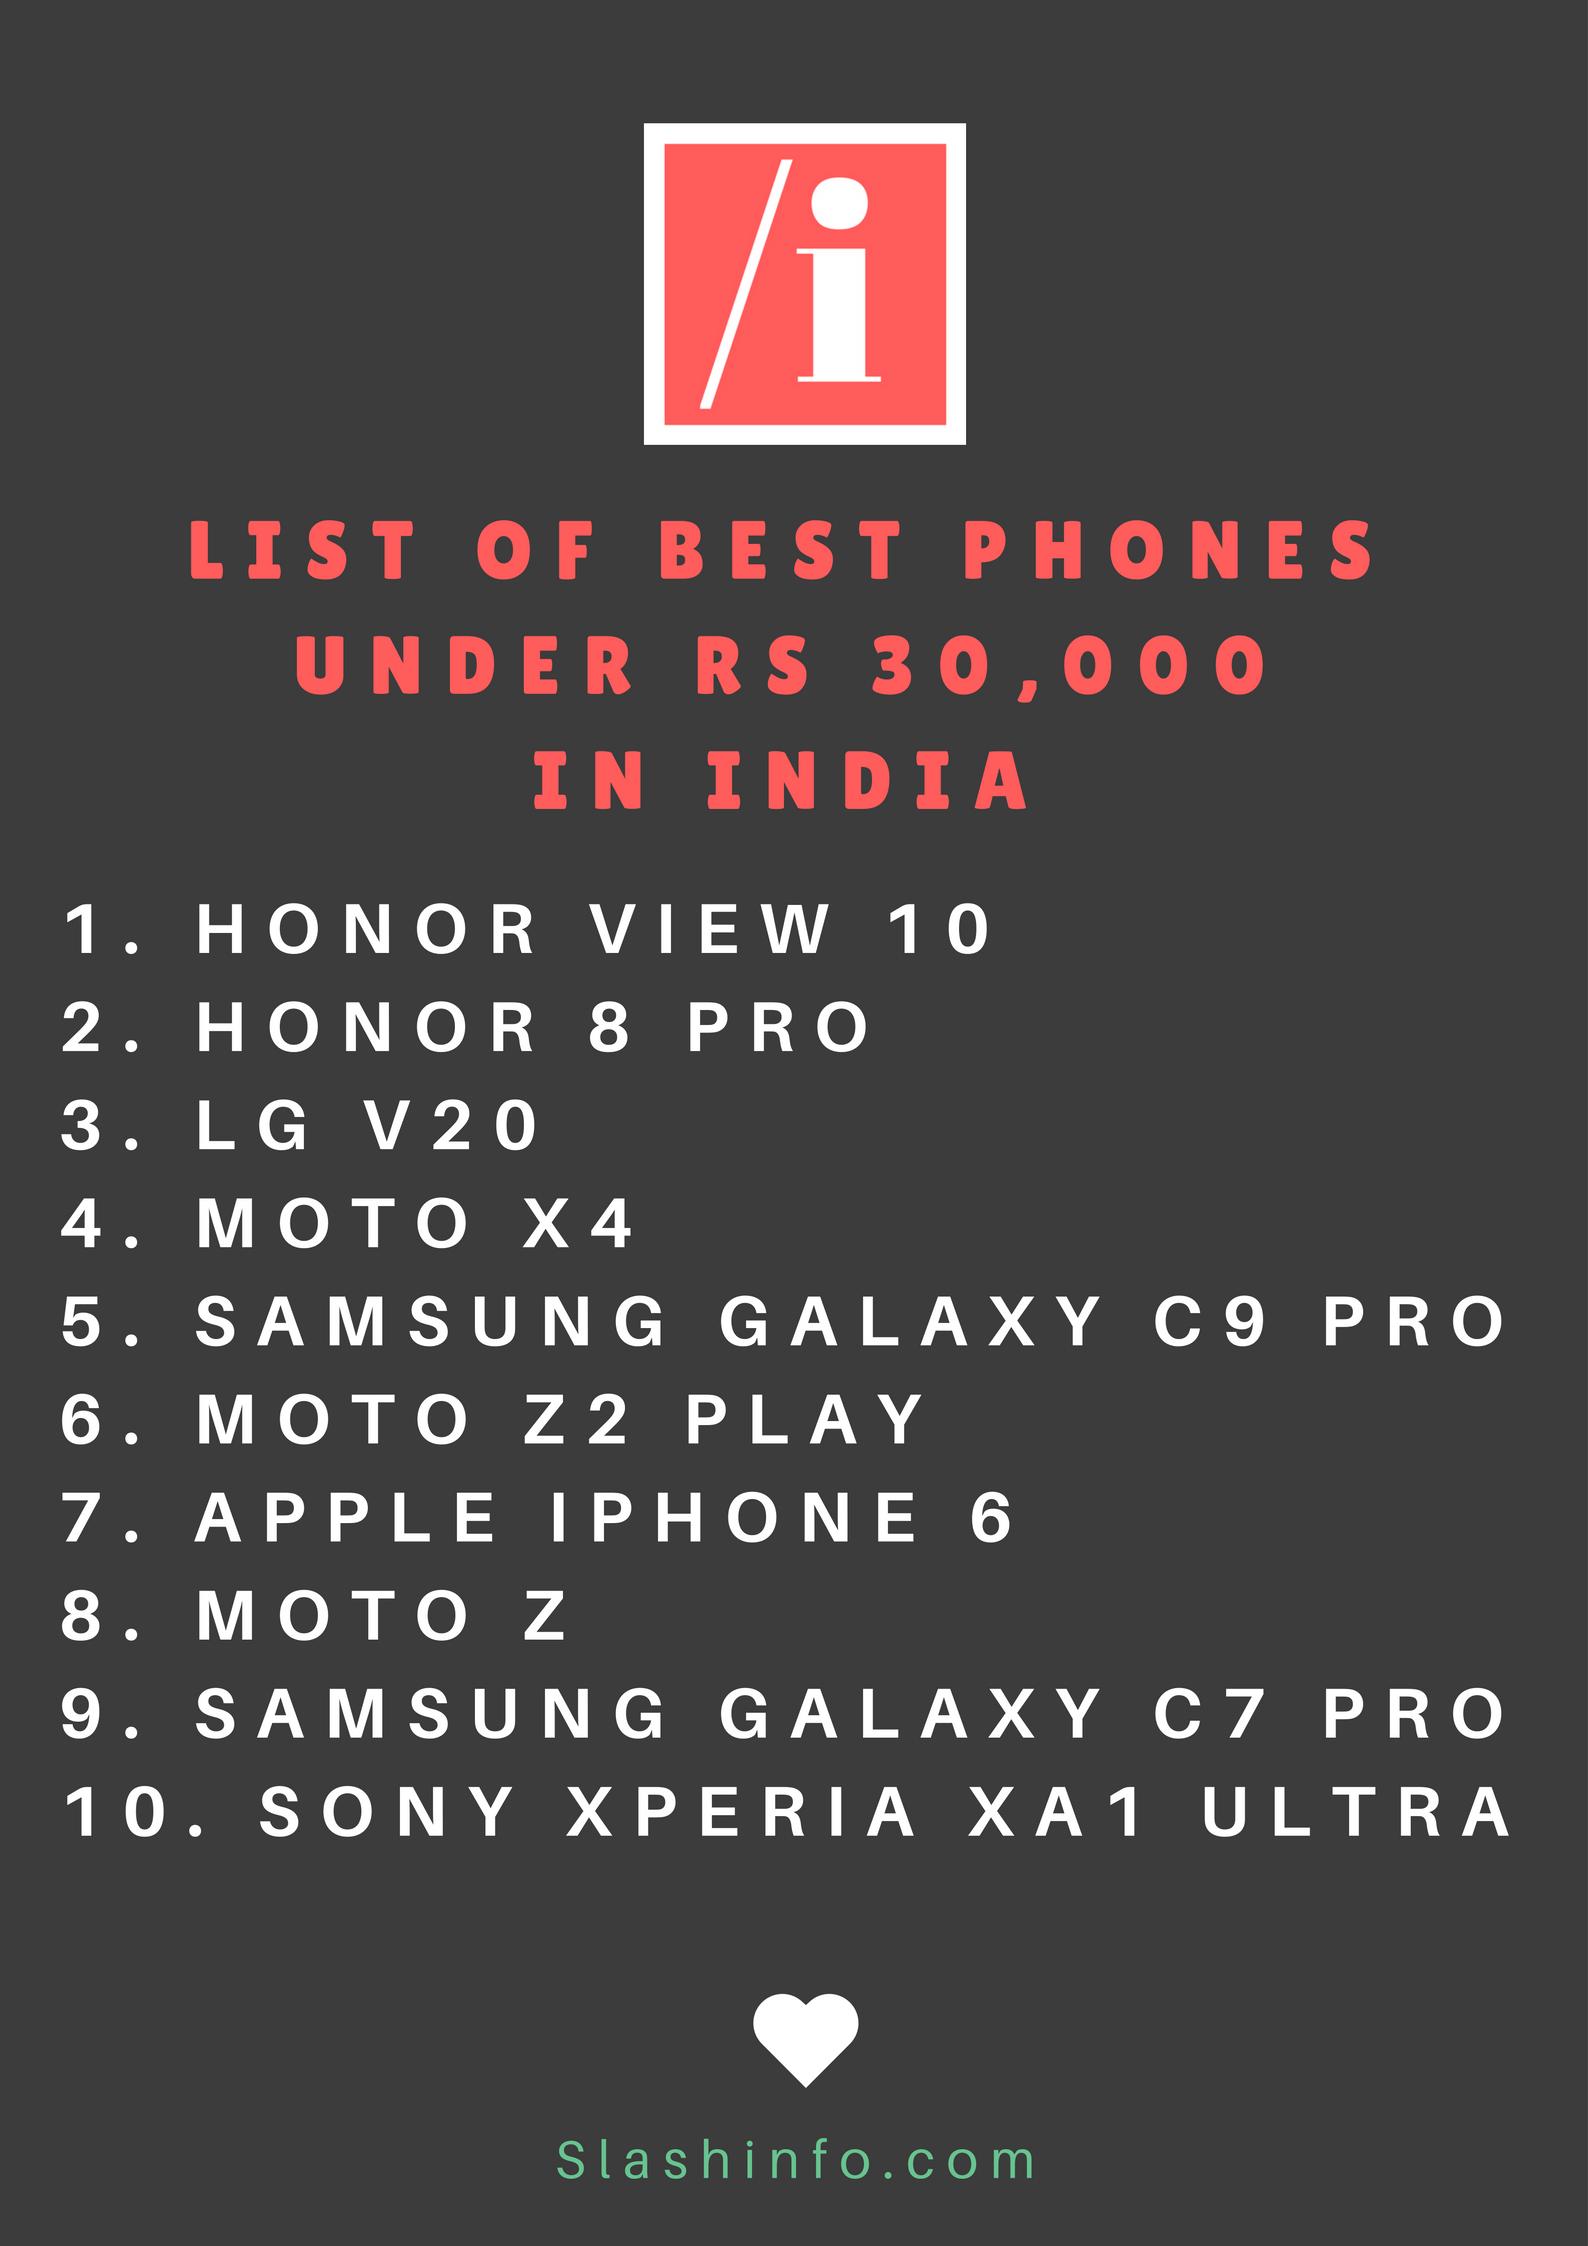 List Of Best Smartphones Under 30,000 in India